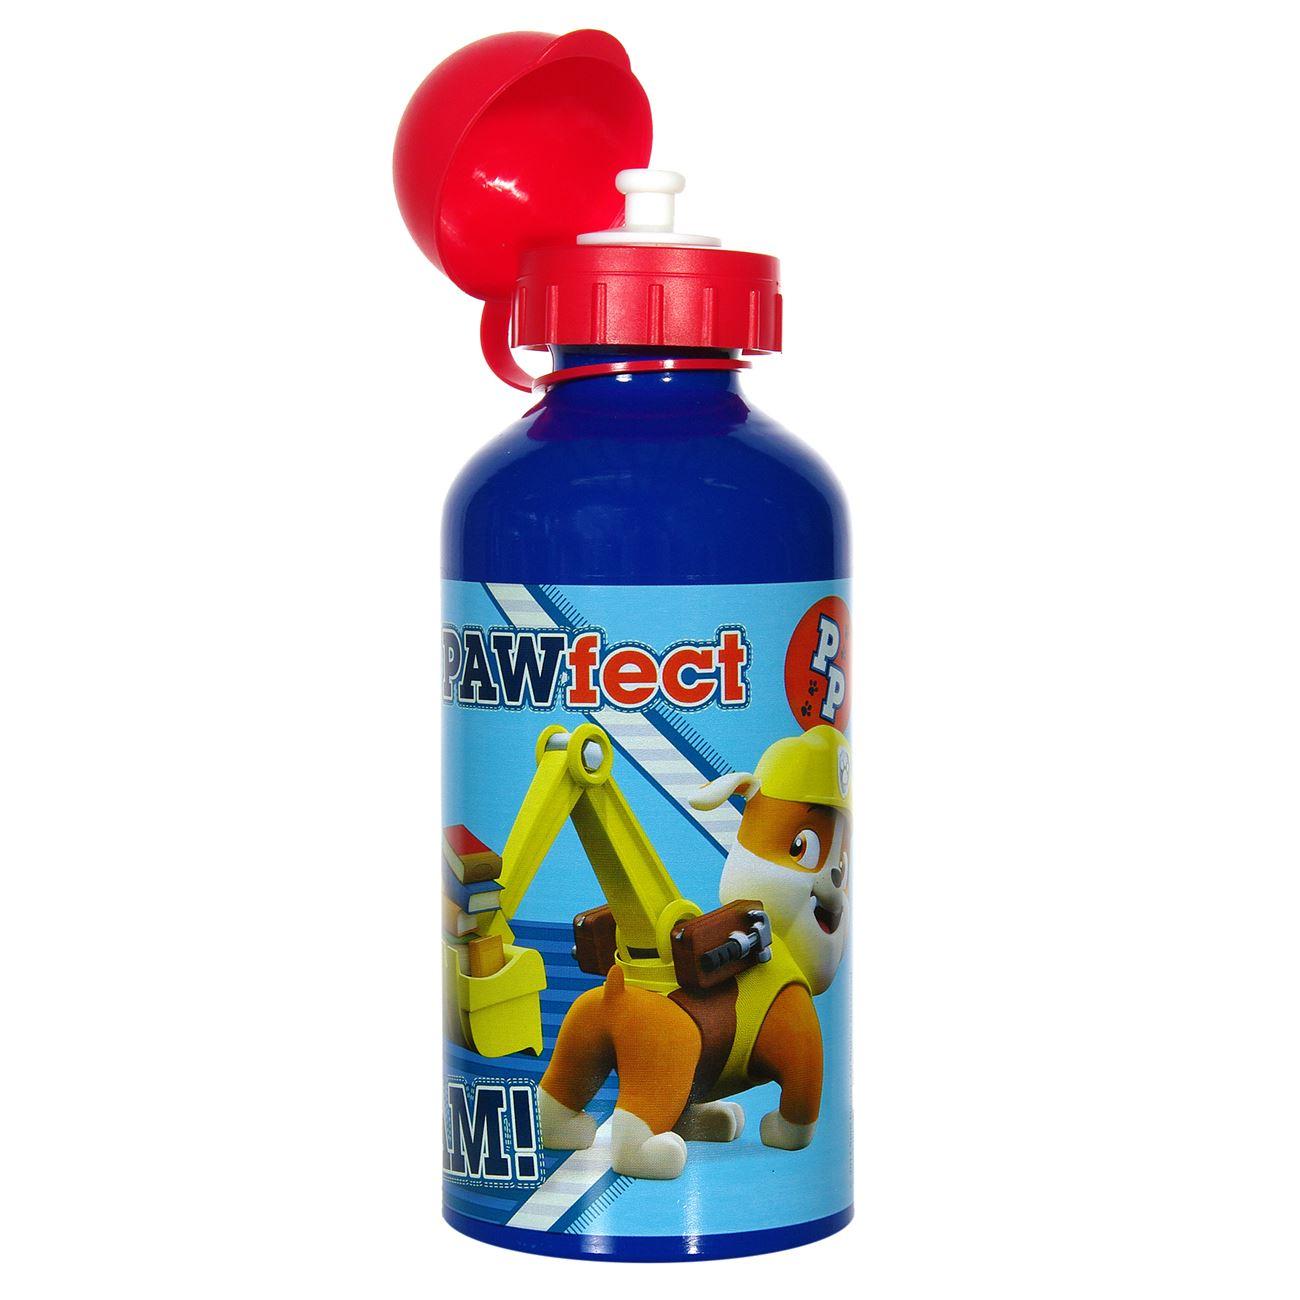 9195c92d265 Παγούρι Αλουμινίου PAW PATROL 500 ml. < Παγούρια Αλουμινίου Αγόρι | Jumbo